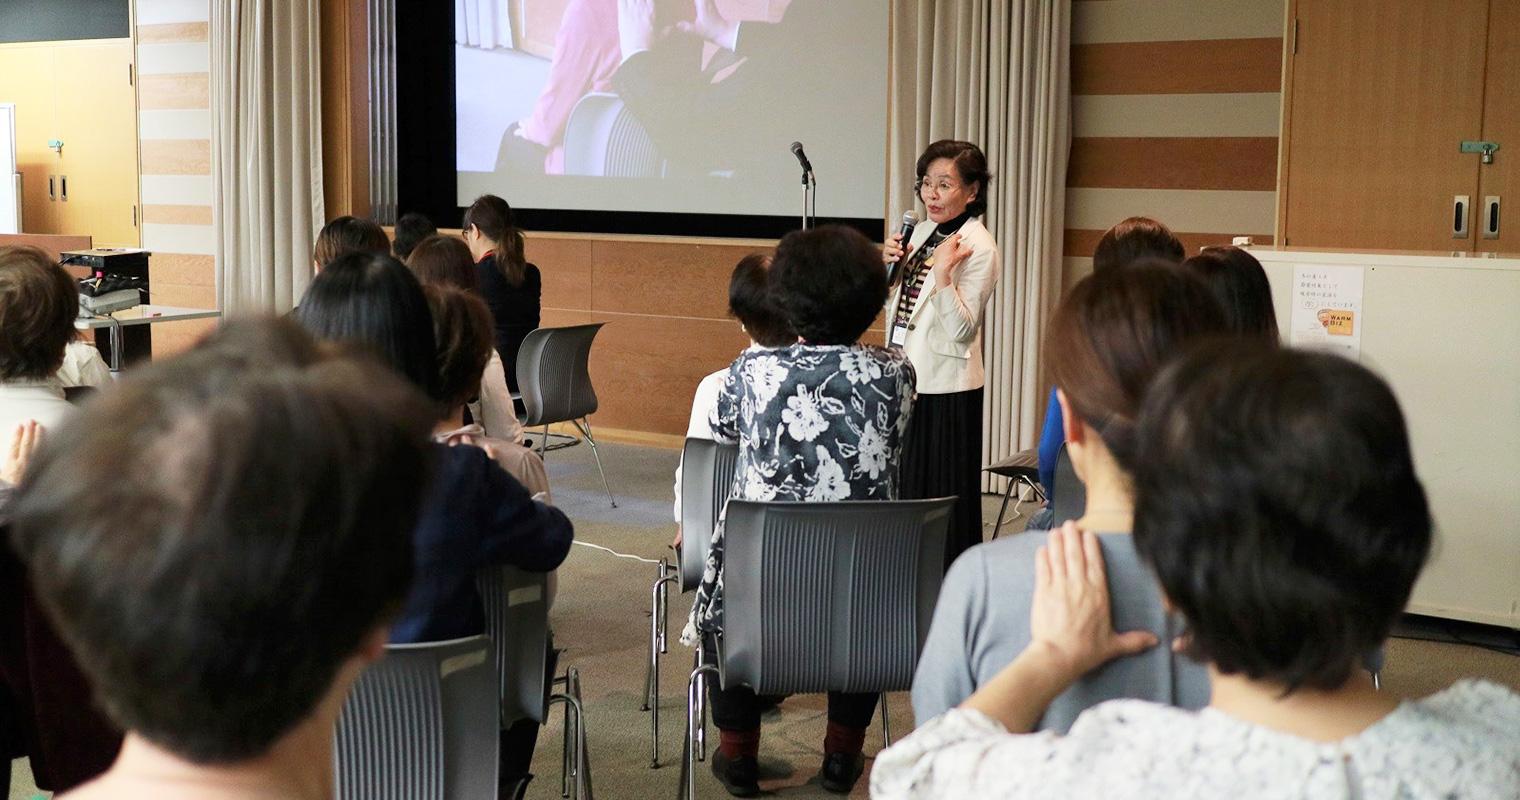 よみうりカルチャー6ヶ月コース!秋吉理事長のカルチャー講座(福岡)